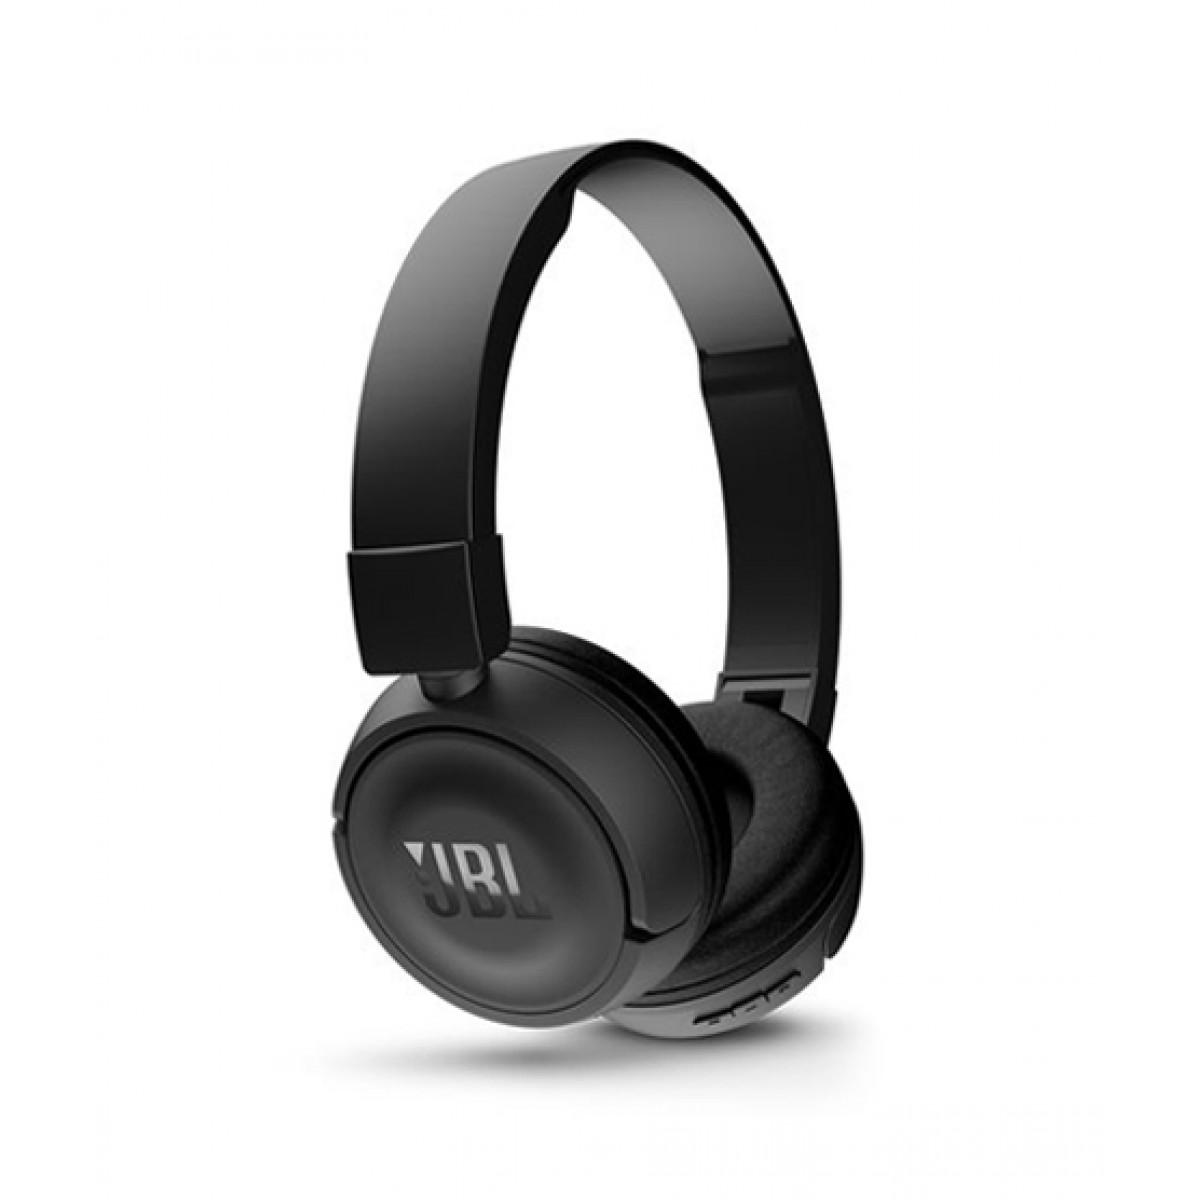 Jbl T450bt Wireless Headphones Price In Pakistan Buy Jbl Wireless On Ear Headphones Black Ishopping Pk